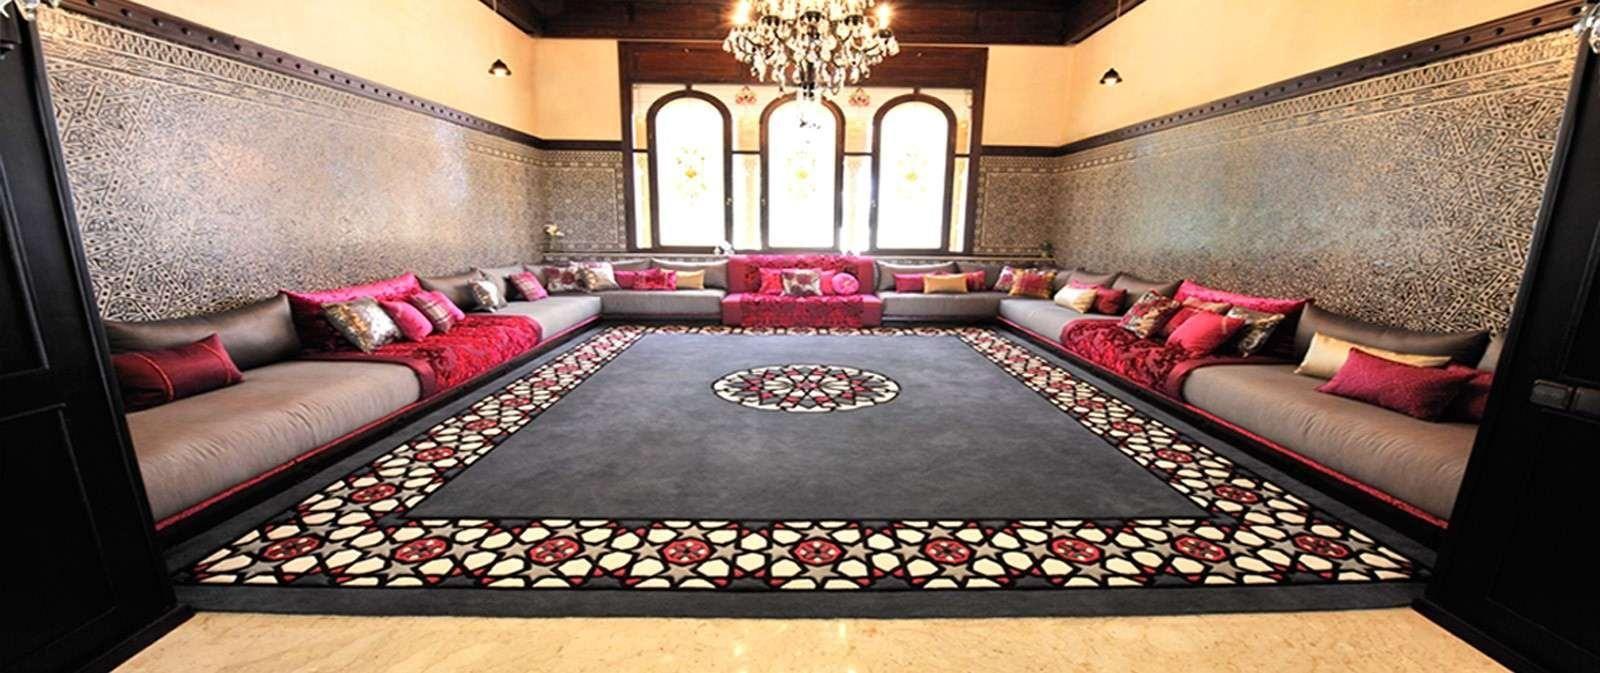 salon marocain moderne 2016 - Recherche Google | décore ...